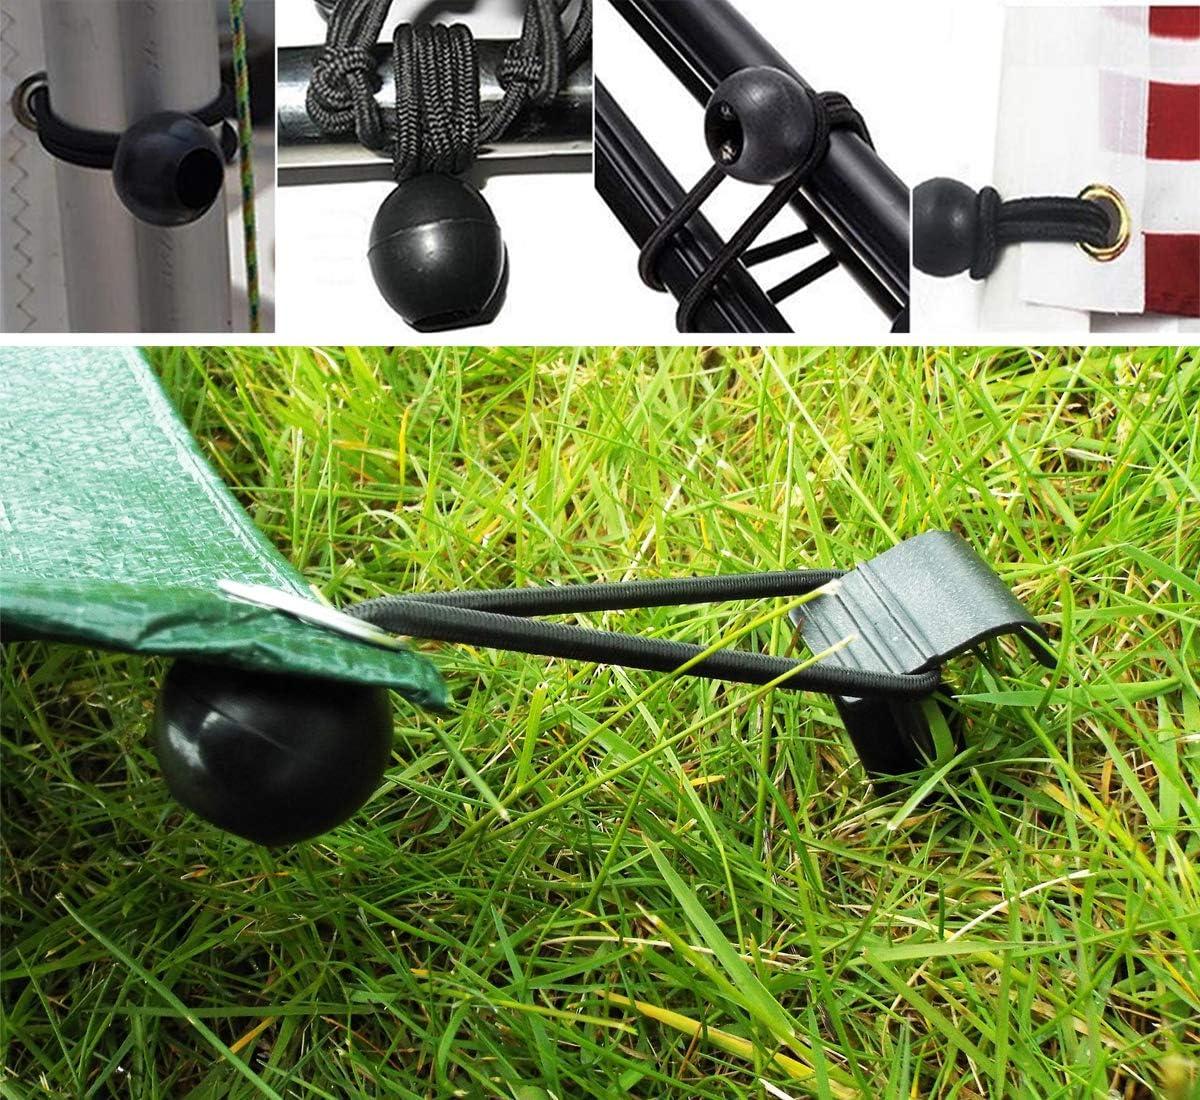 Schwarz Trampoline Pavillons 4mm multifunktionales Elastisches Seil zum Befestigen von Markisen CNNIK 25 St/ück Kordeln mit Kugelkopf Zelte Garten